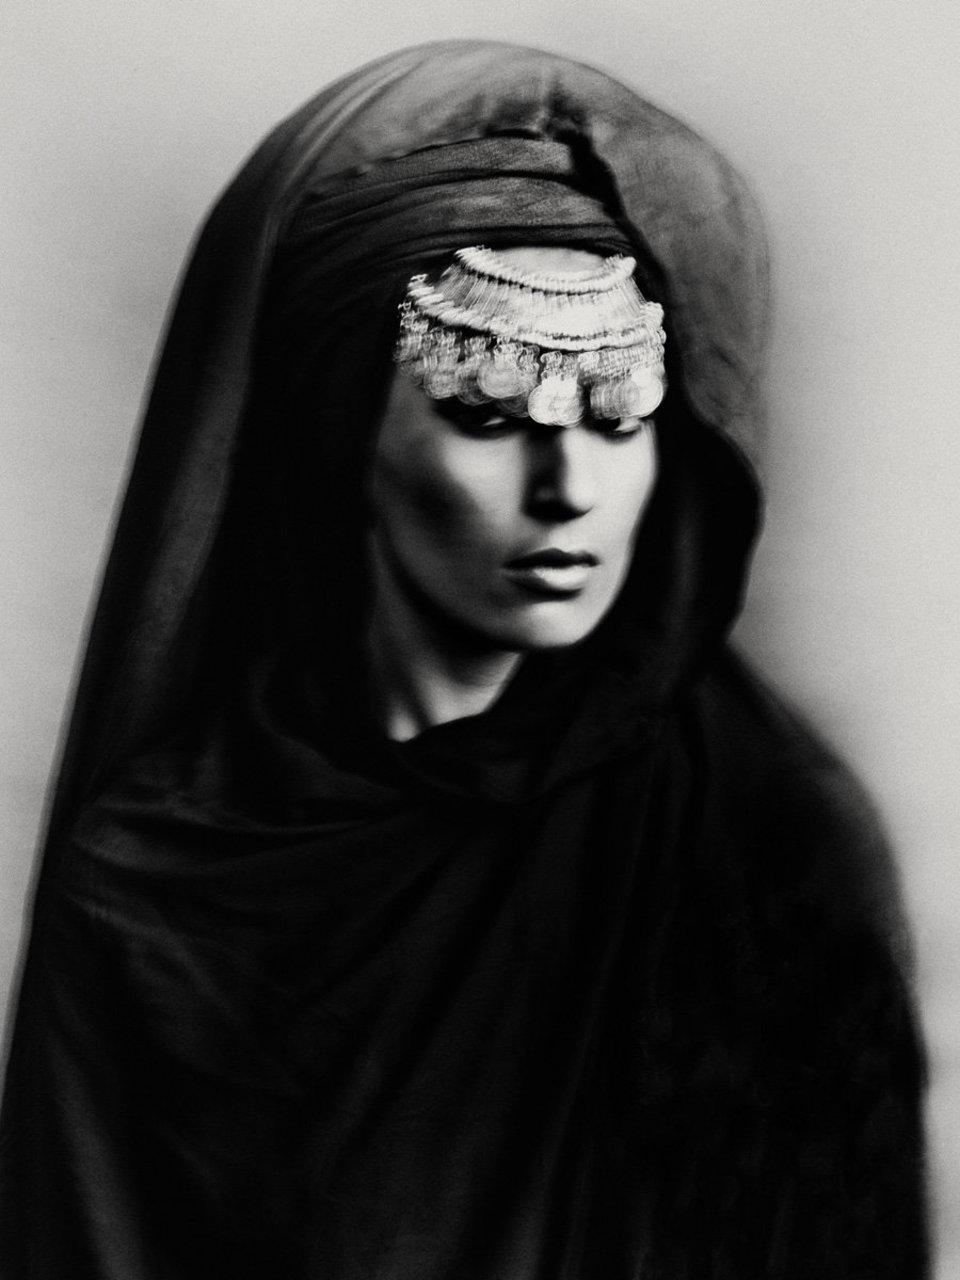 Madame Maroc, Schwarzweißfoto, Bastiaan Woudt Frau, Porträt, aus der Karawan-Serie